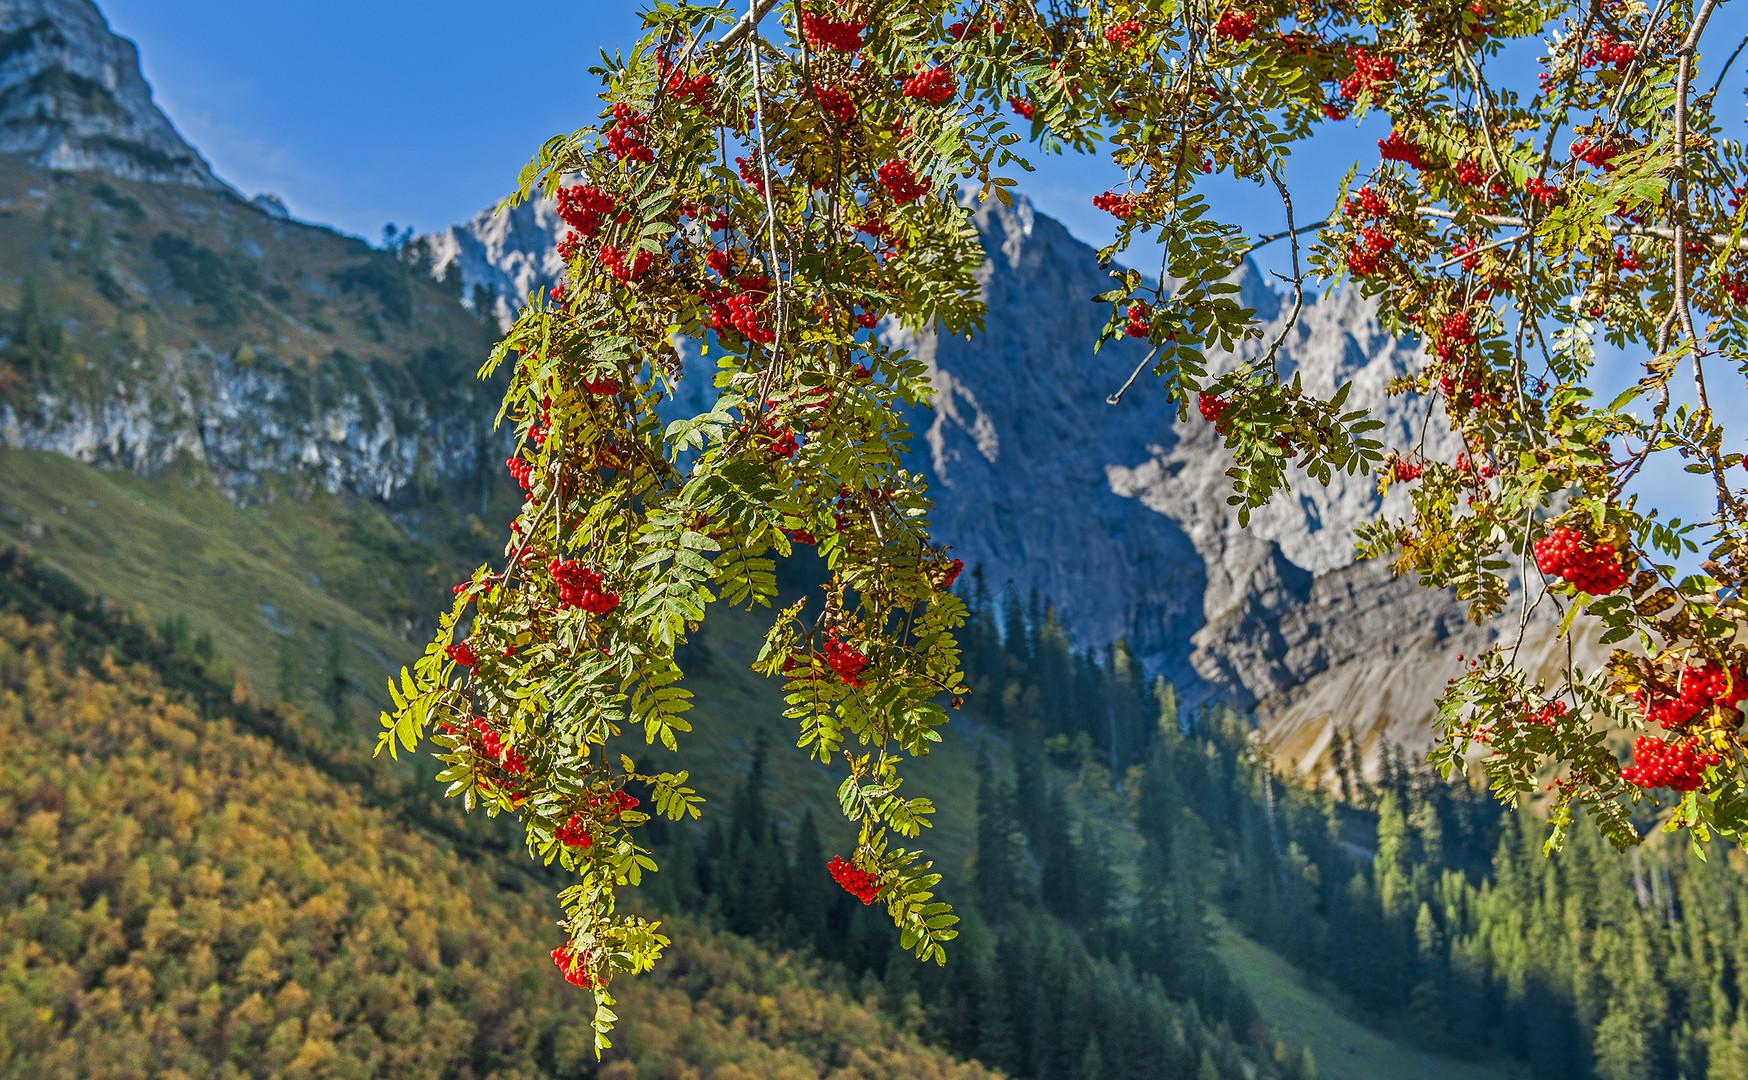 Herbst im Karwendel Gebirge